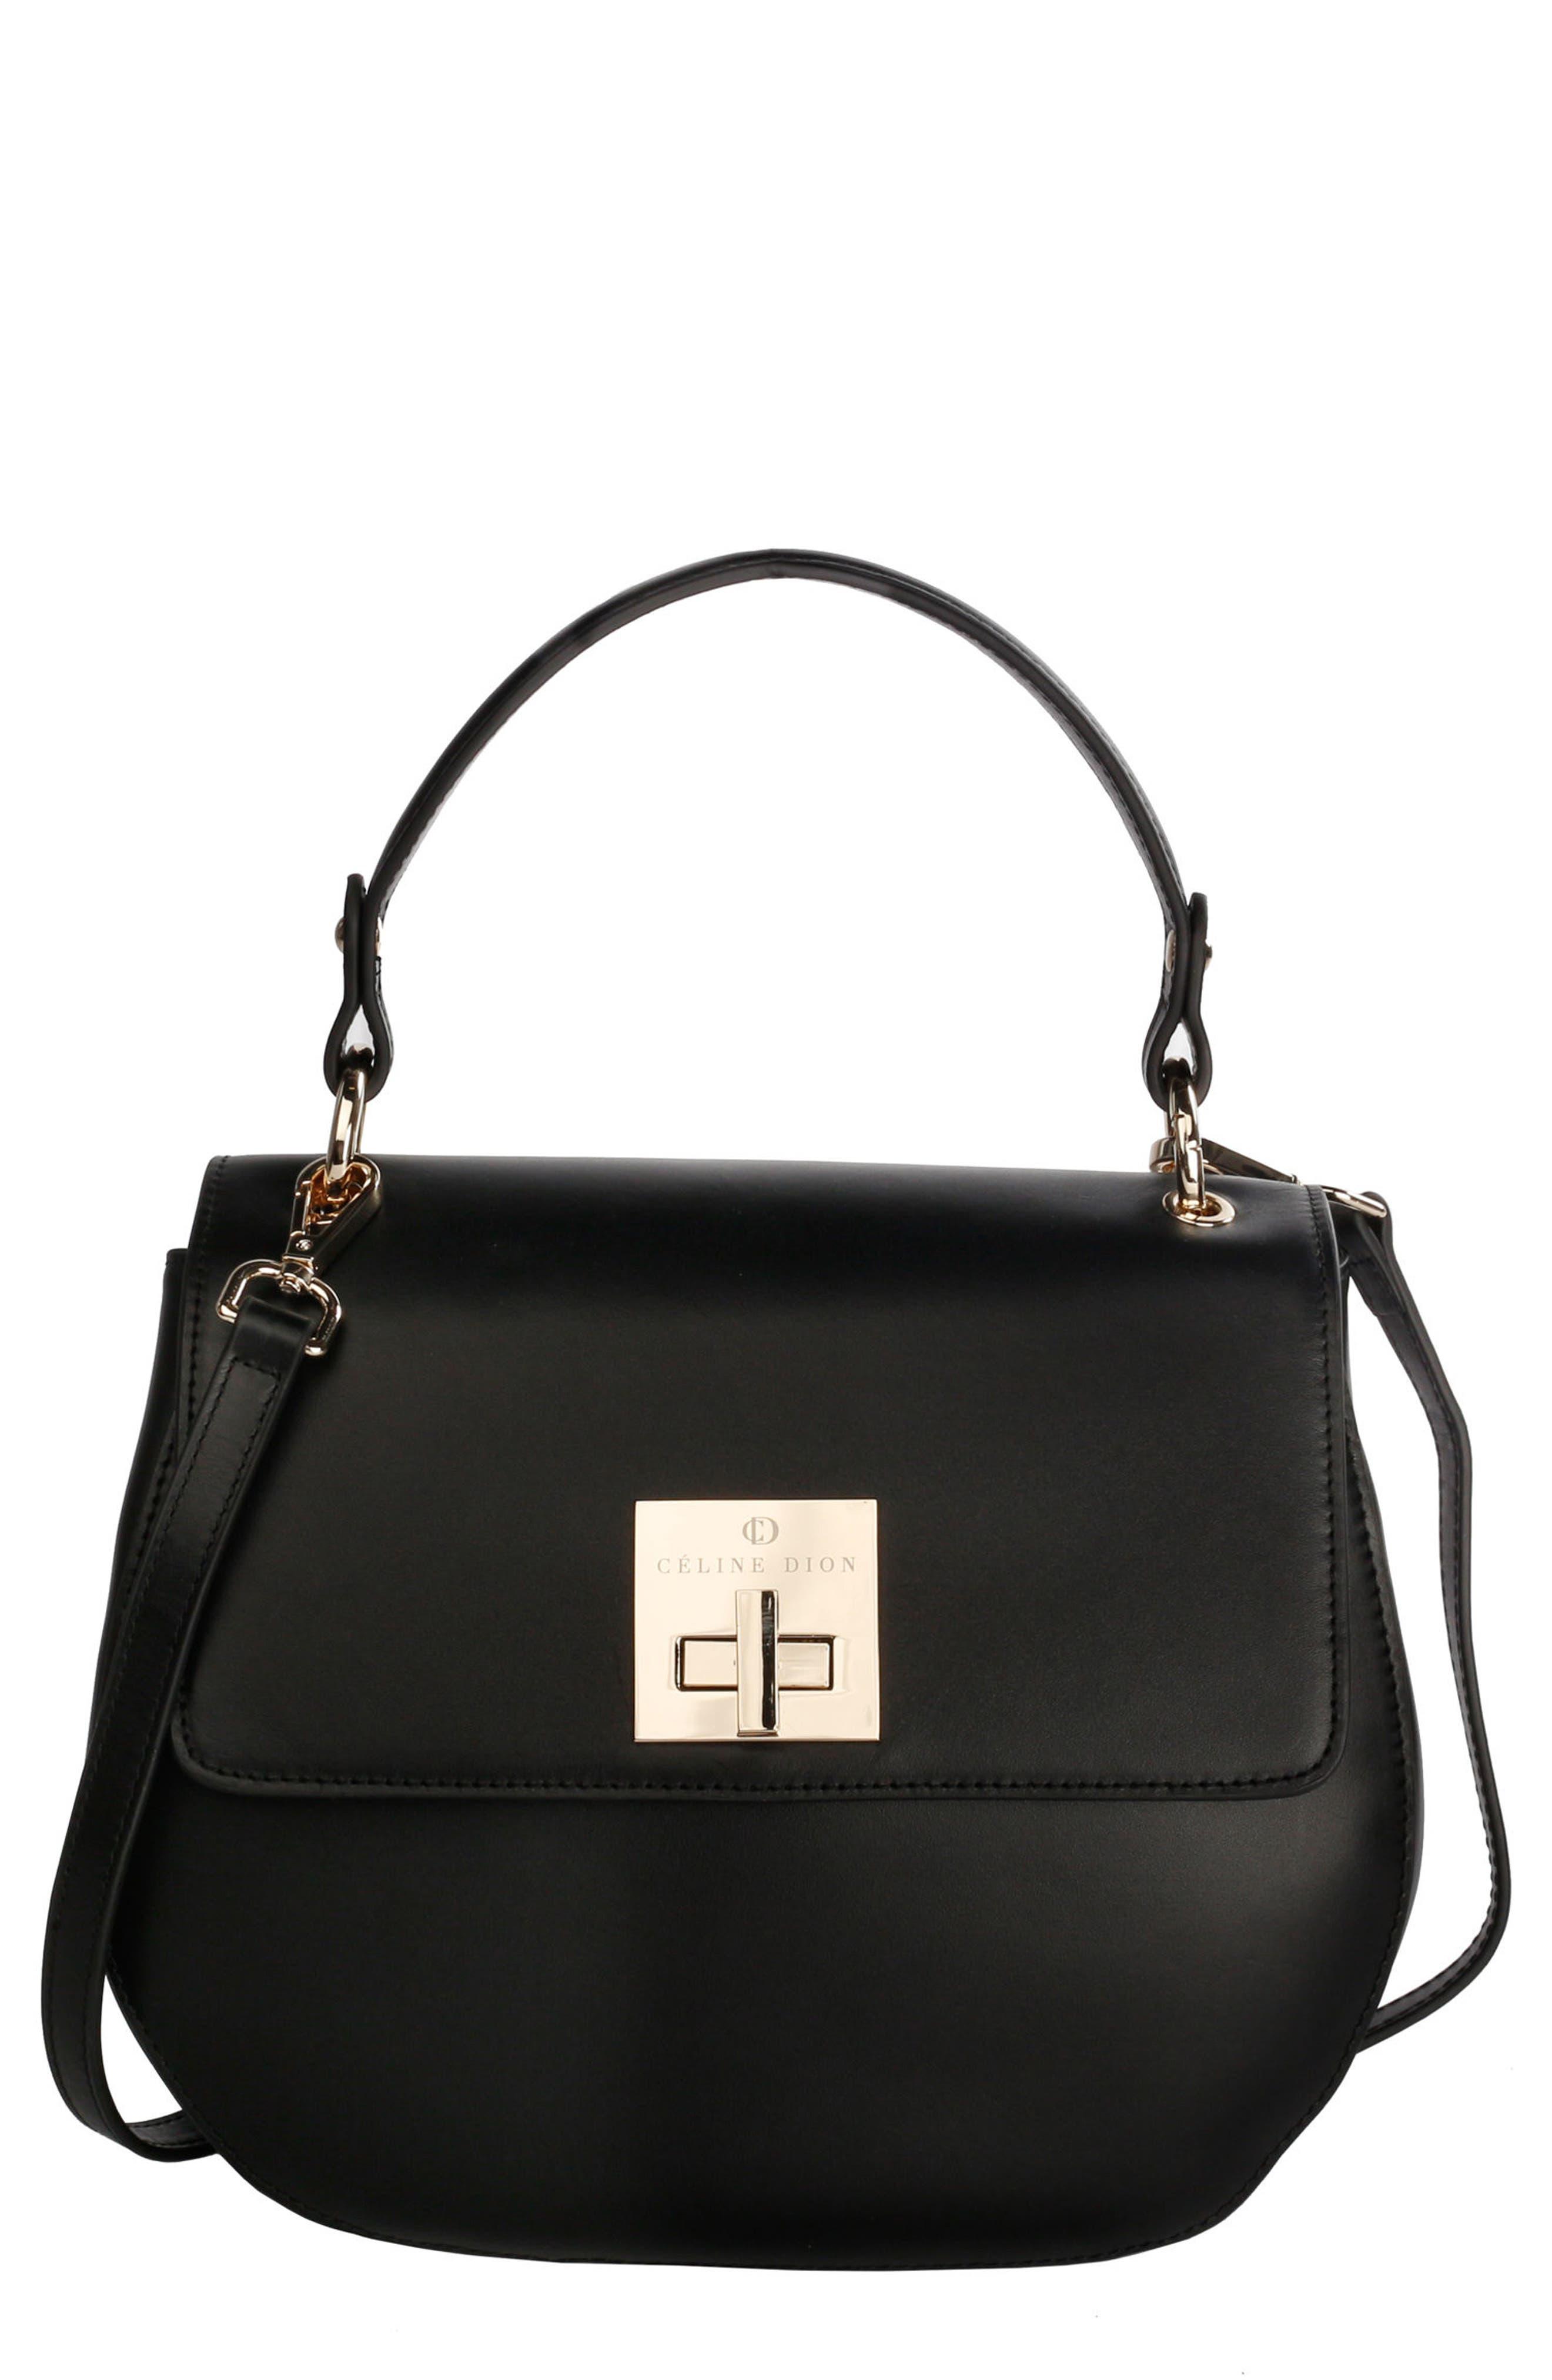 Céline Dion Minuet Faux Leather Top Handle Satchel